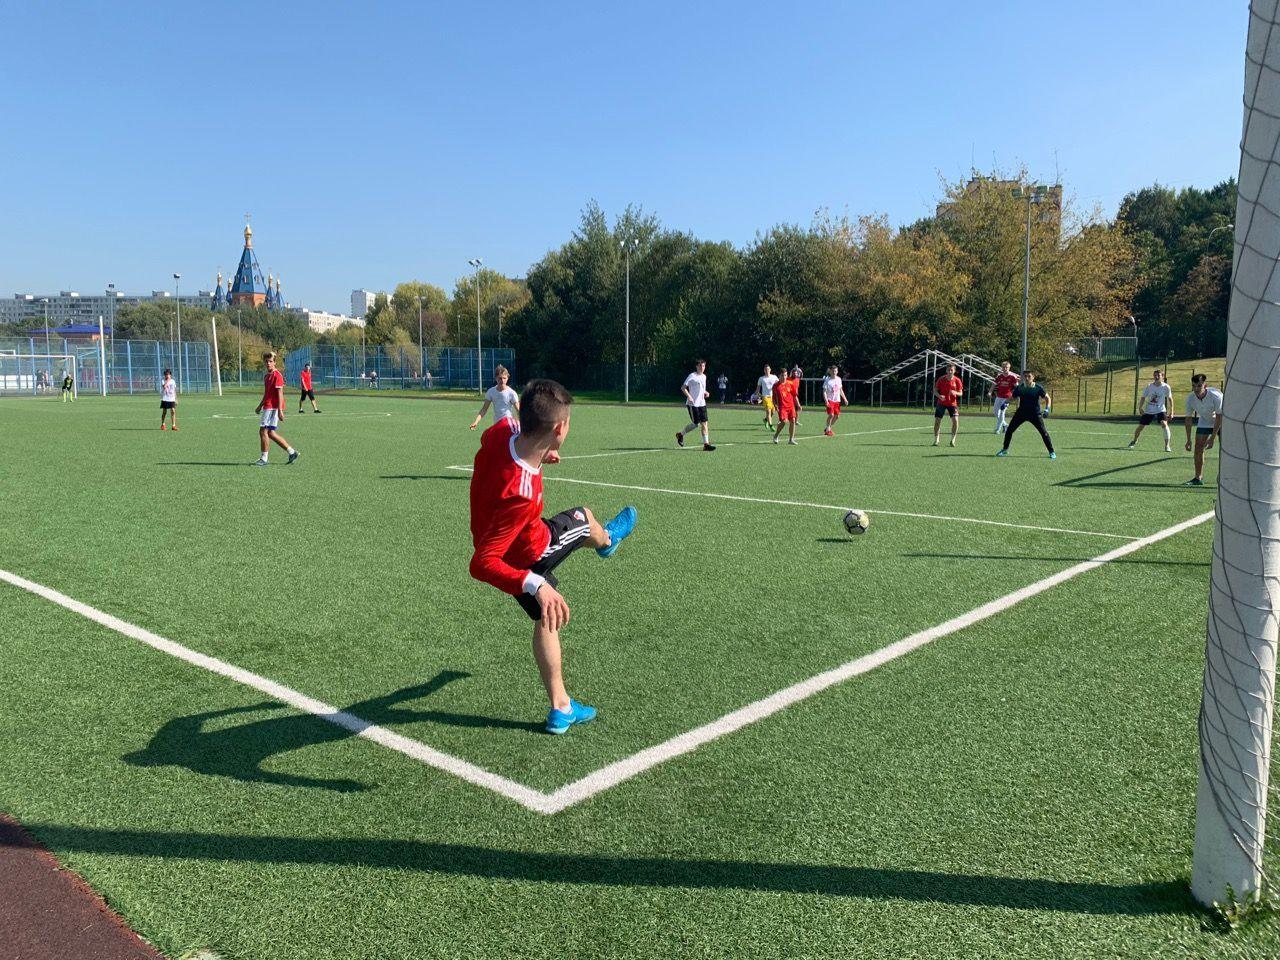 Турнир по футболу прошел в Чертанове Северном